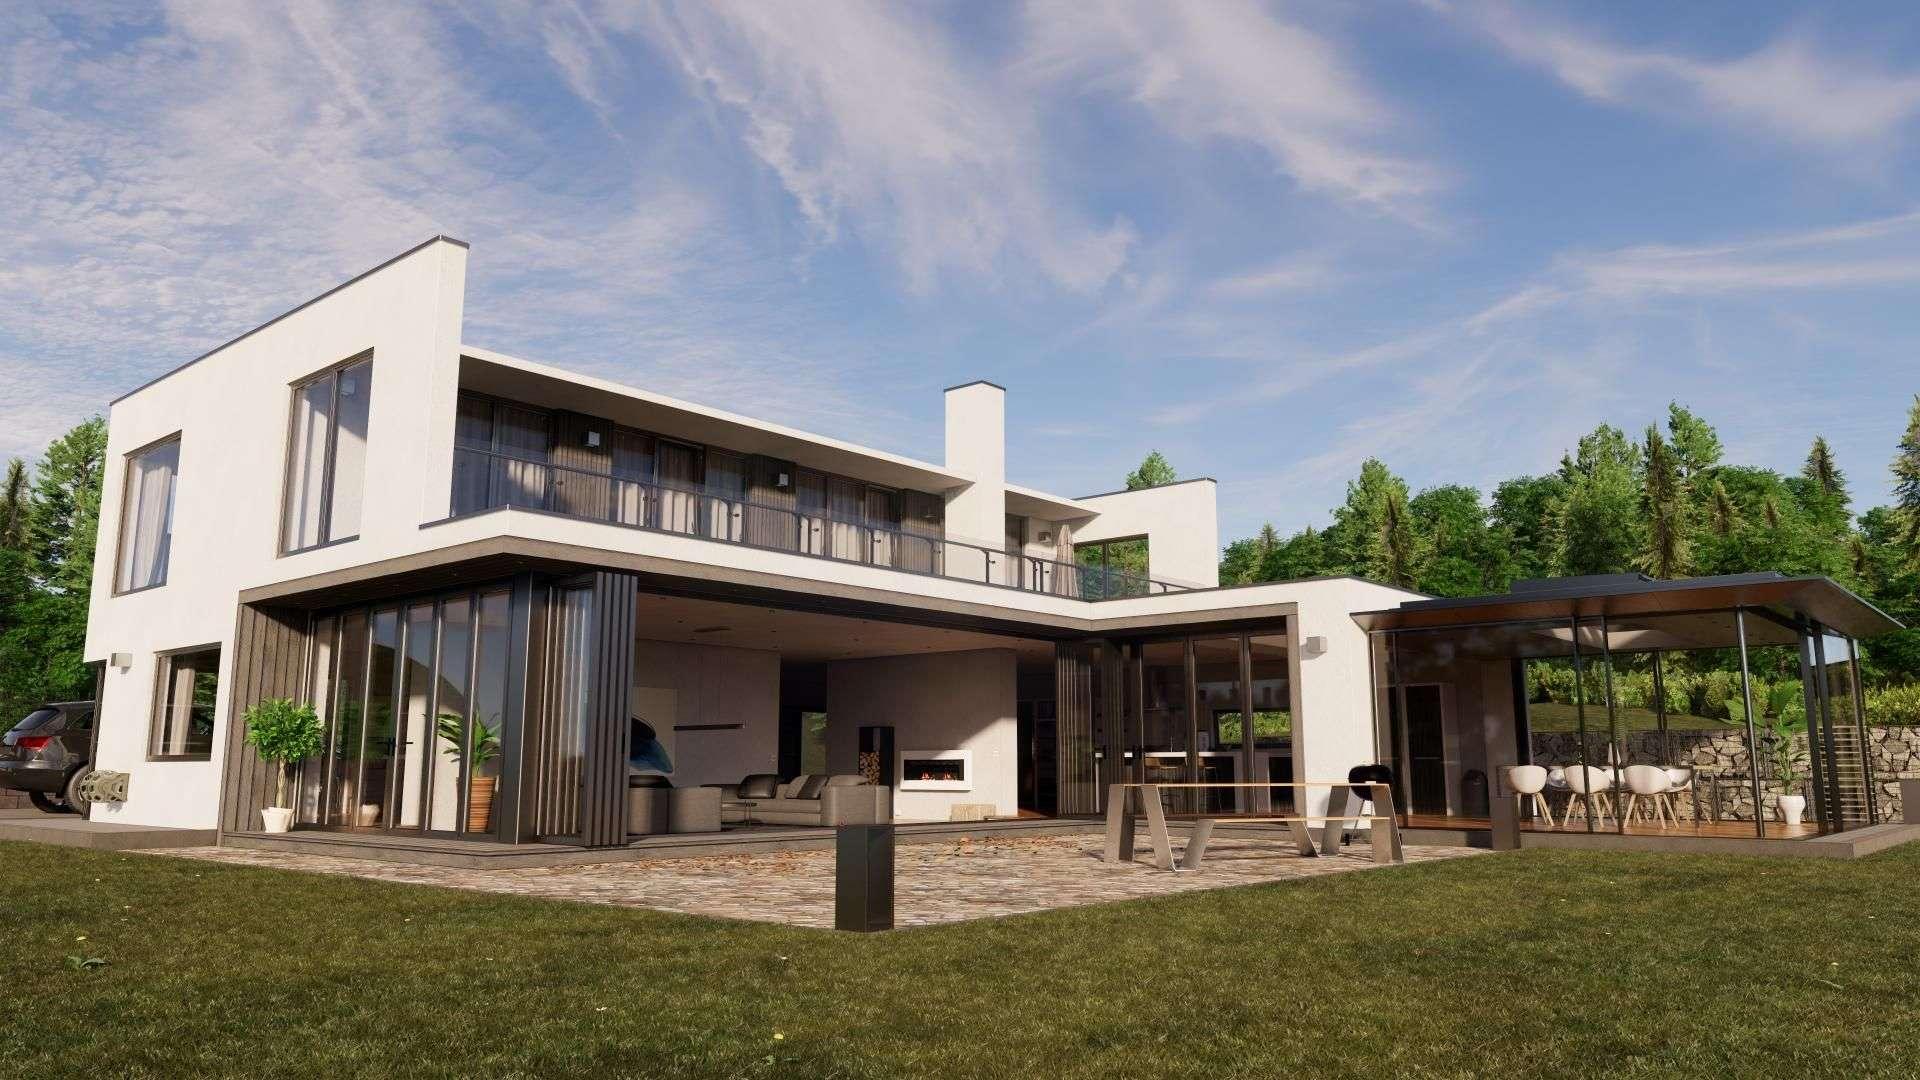 großes Wohnhaus mit langer bodentiefer Fensterfront